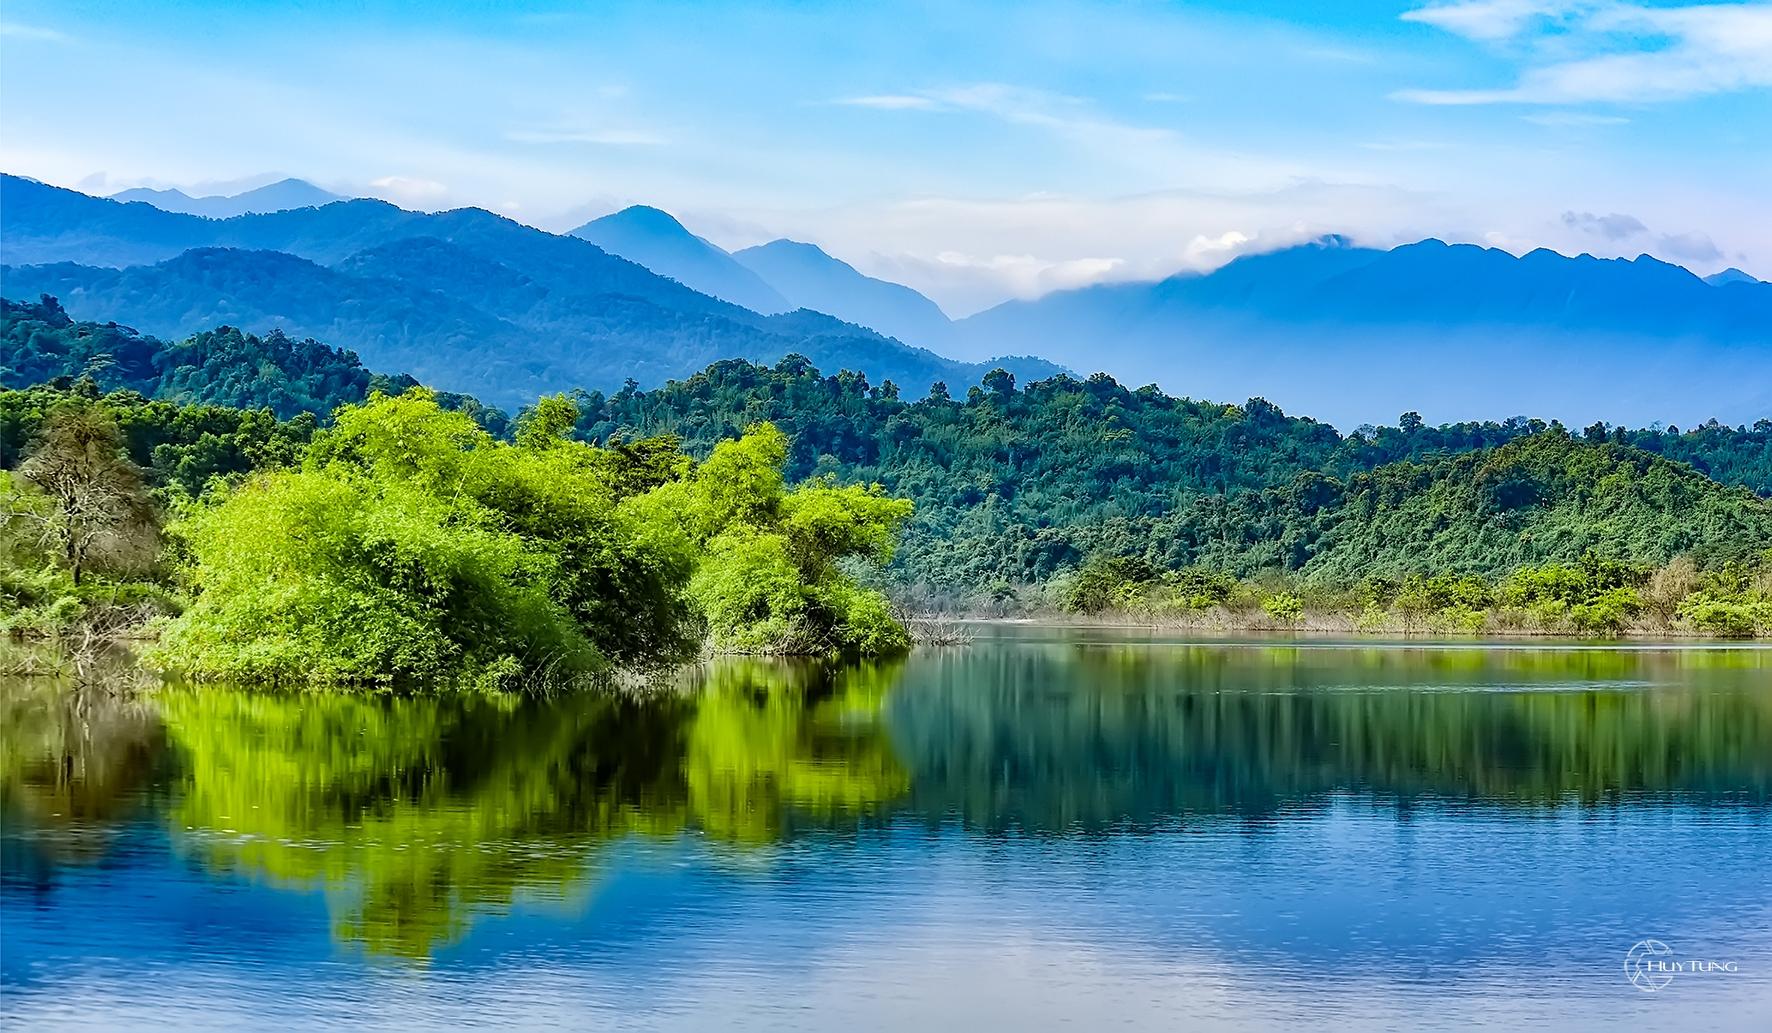 Vườn Di sản ASEAN - Nơi bảo tồn hệ sinh thái độc đáo cho khu vực